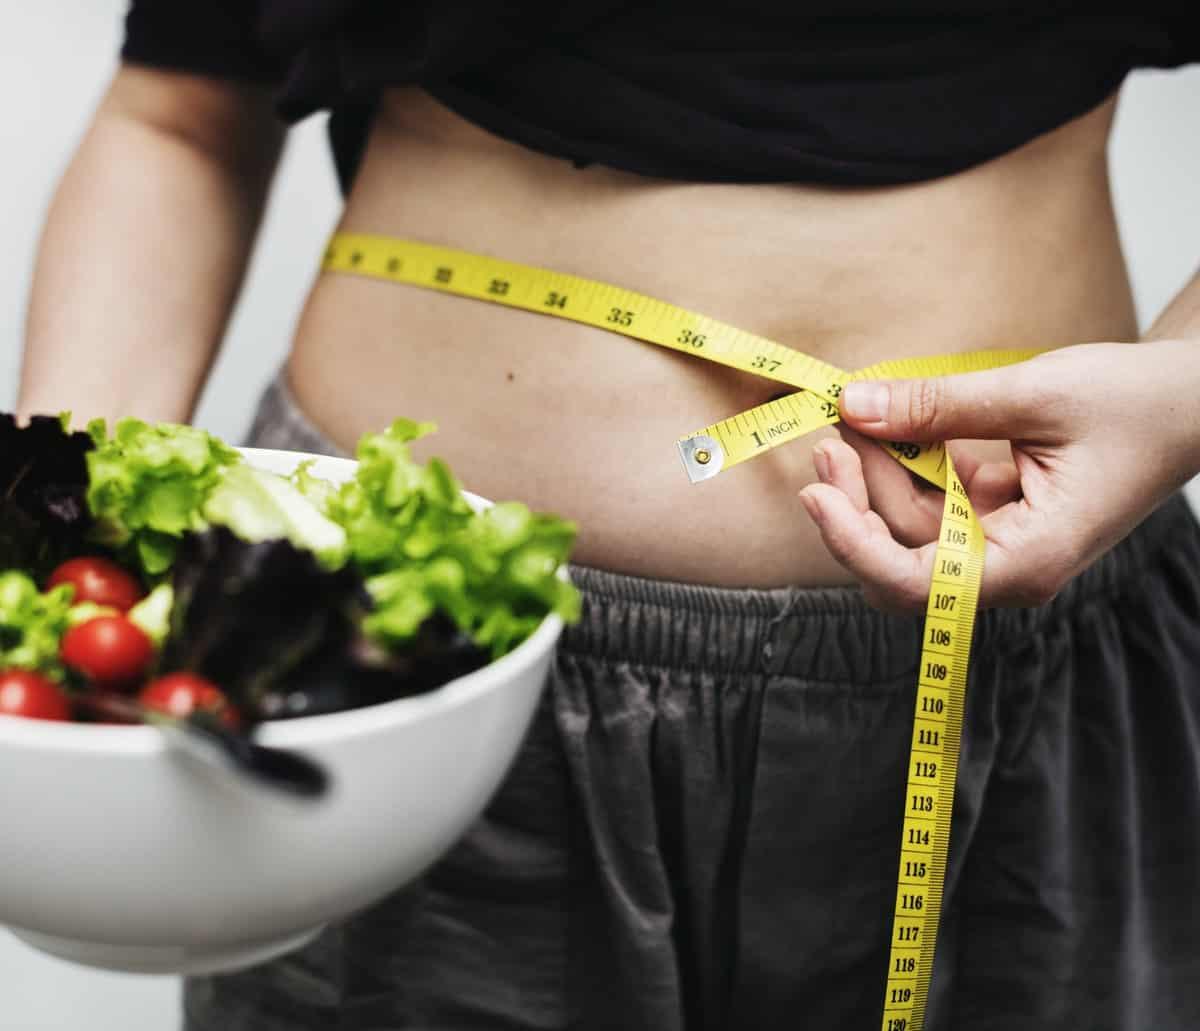 Obeziteden kurtulmak mide küçültme ameliyatları ile imkansız değil.